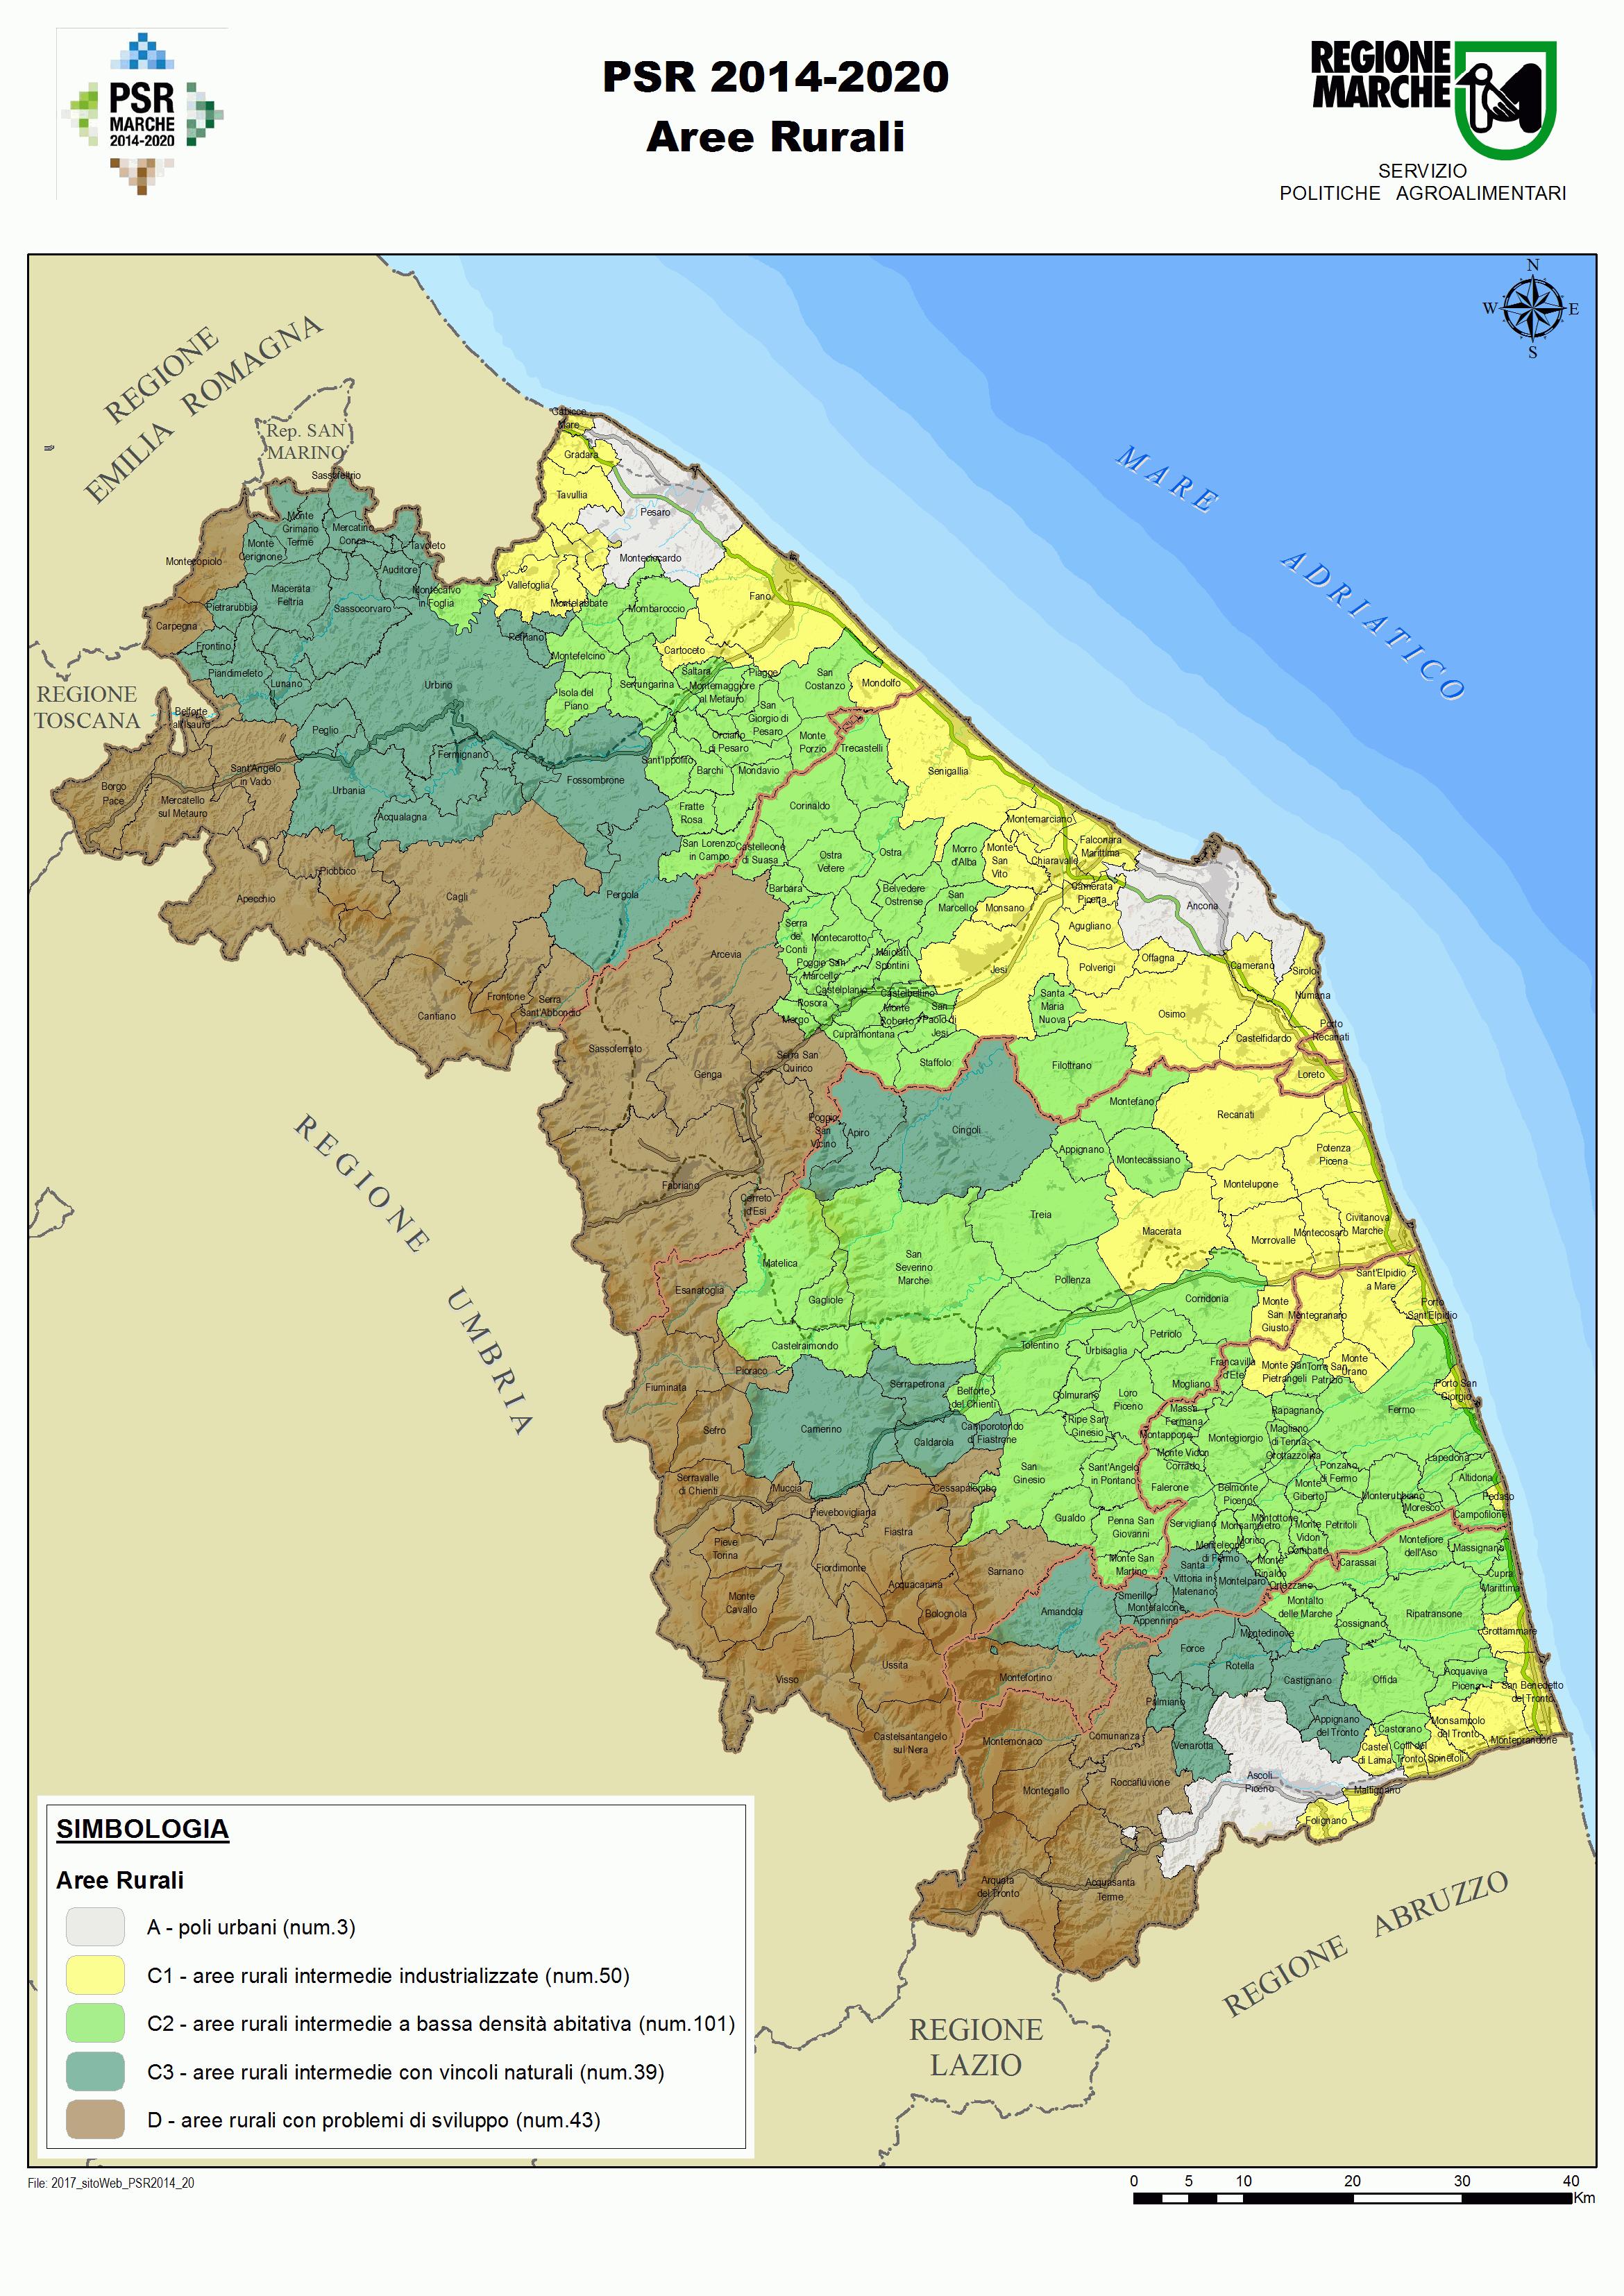 Cartina delle aree rurali della regione Marche